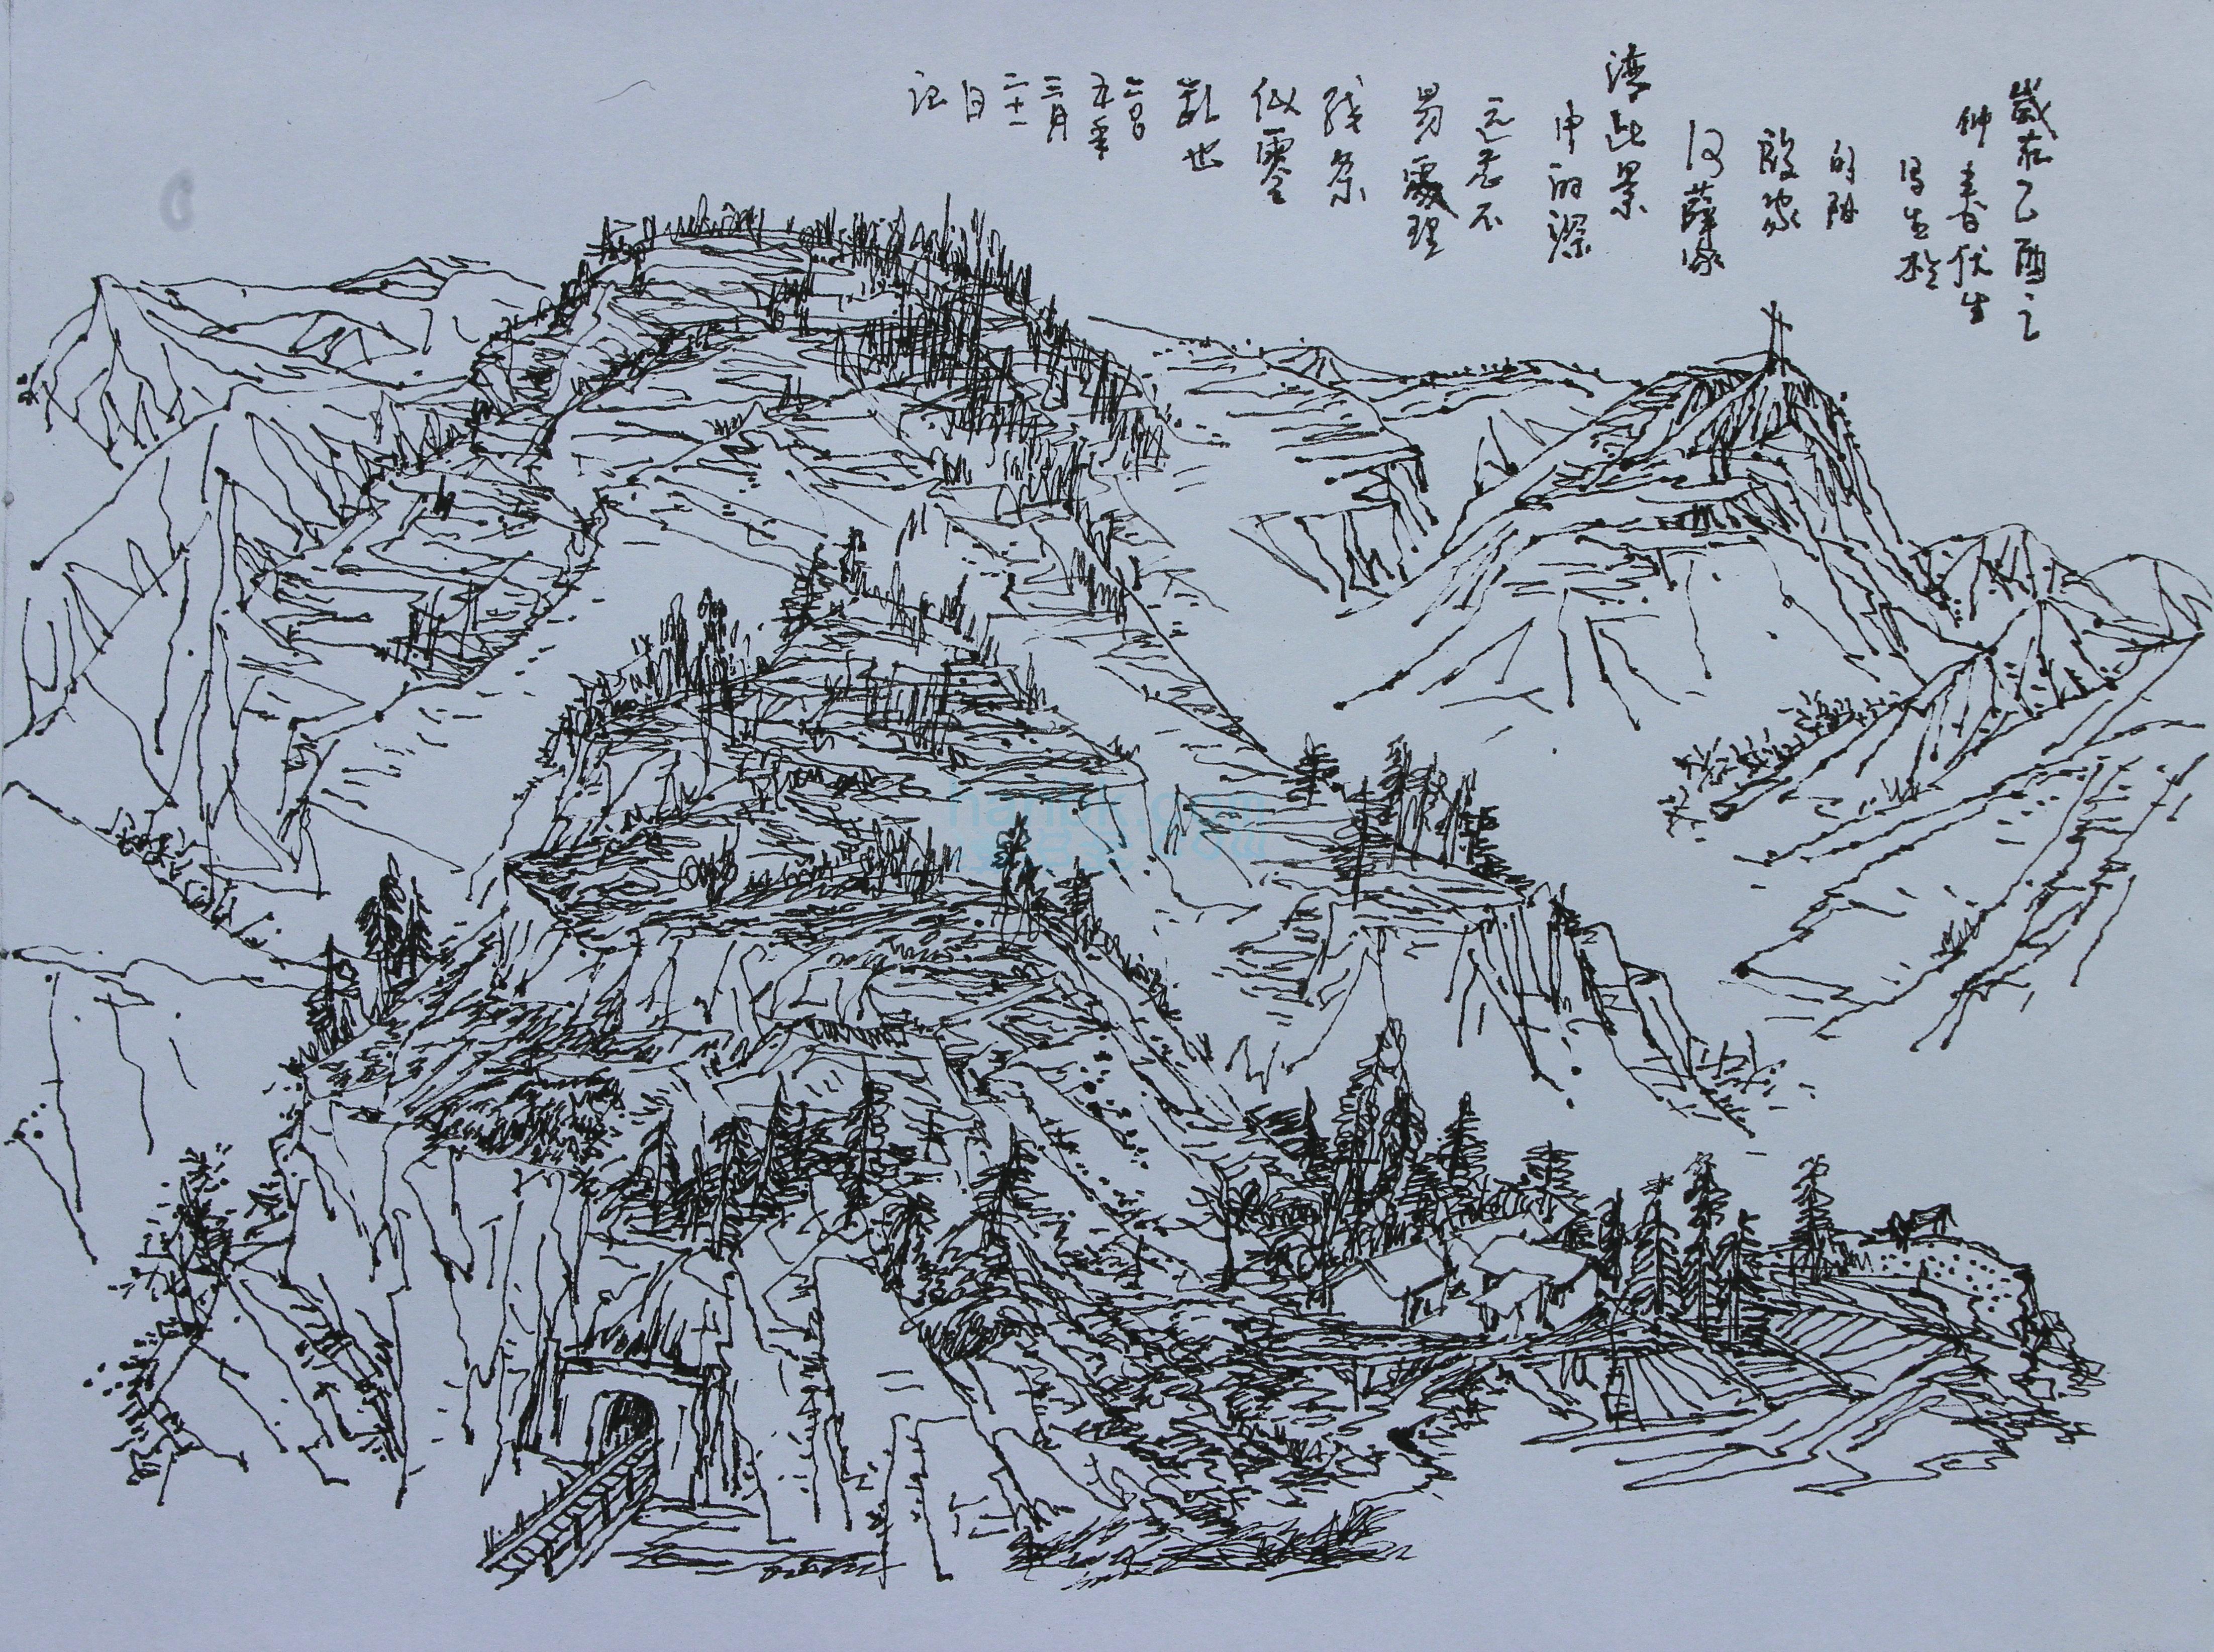 罗伏生早期钢笔风景速写高清原作之十四